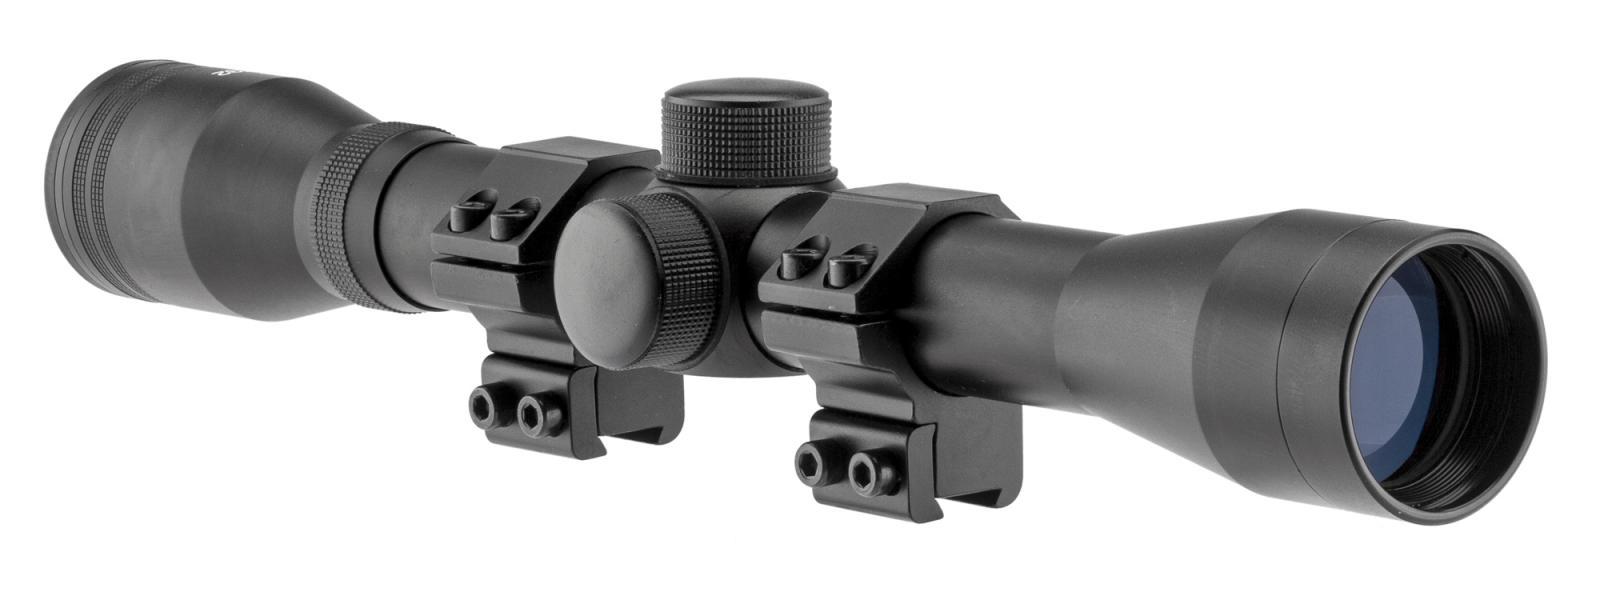 Lunette de tir RTI 4x32 avec colliers